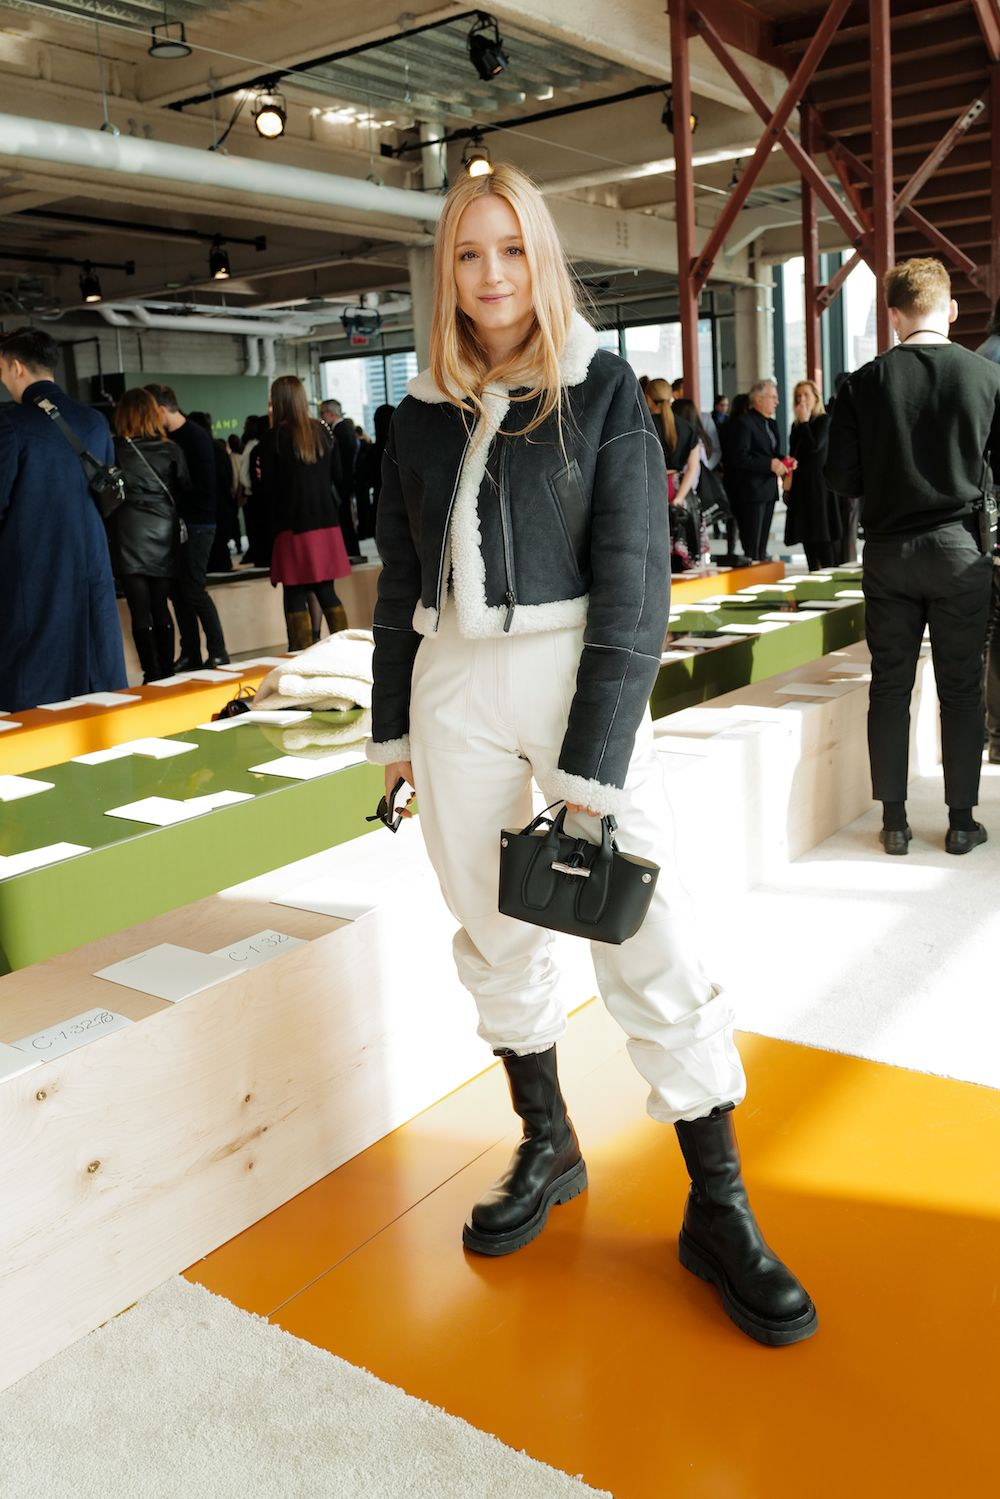 #charlottegroeneveld #longchamp #modepilot #pantsinboots #nyfw #style2020